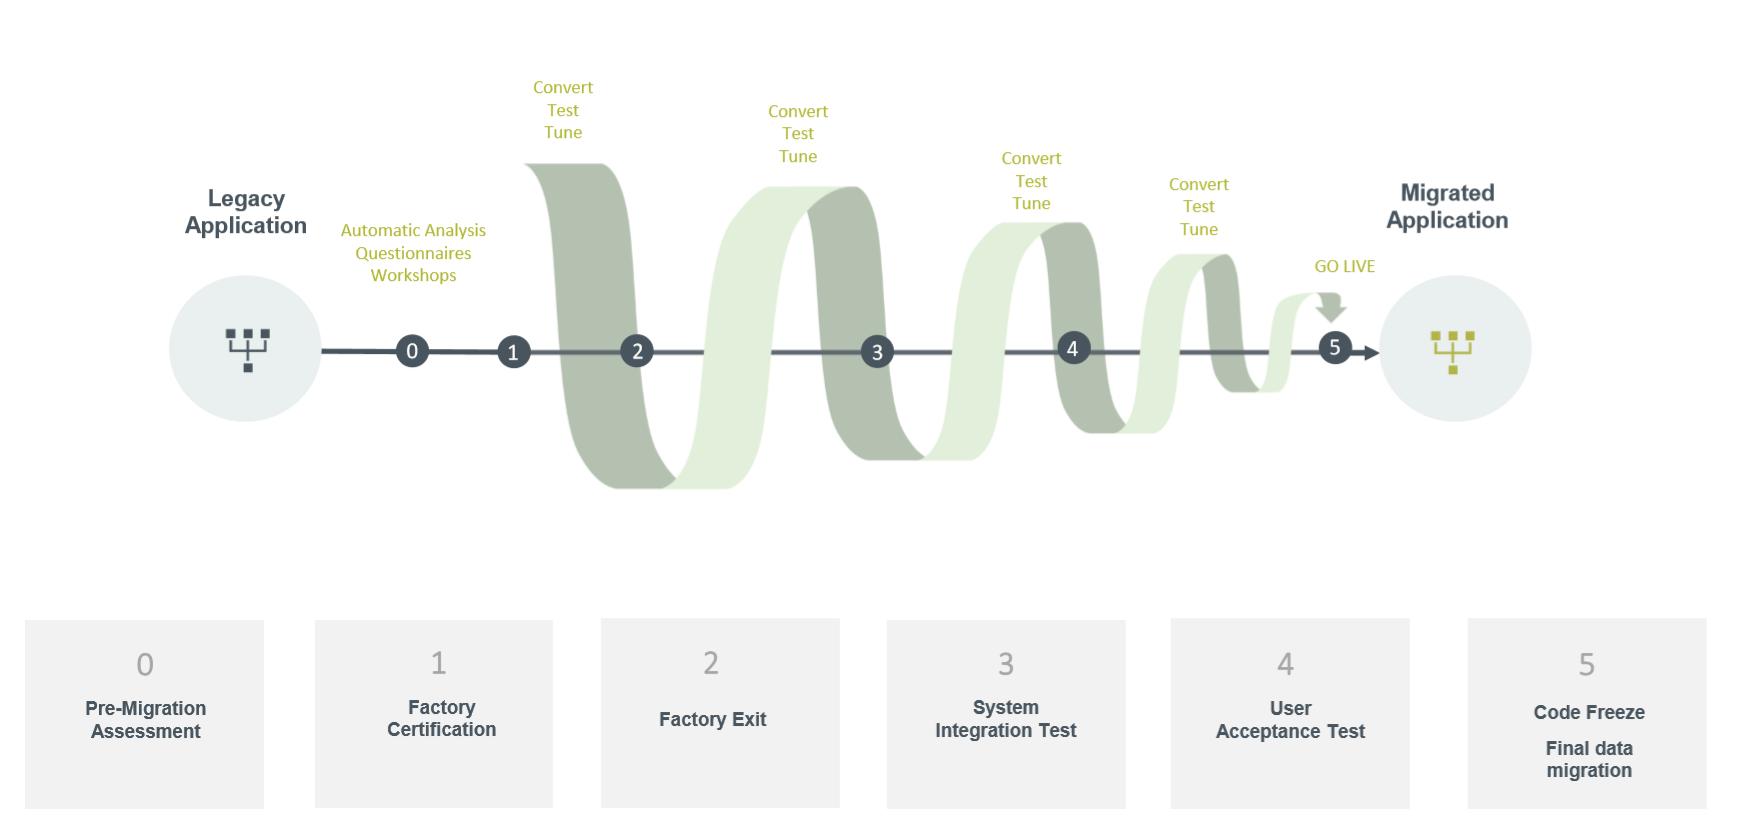 Migratonomy migration process